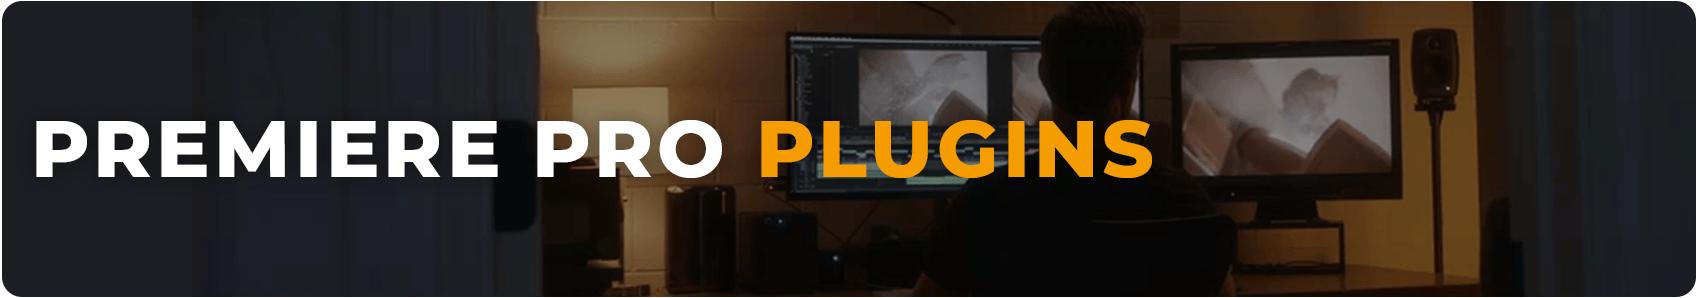 Adobe Premiere Pro Plugins Header